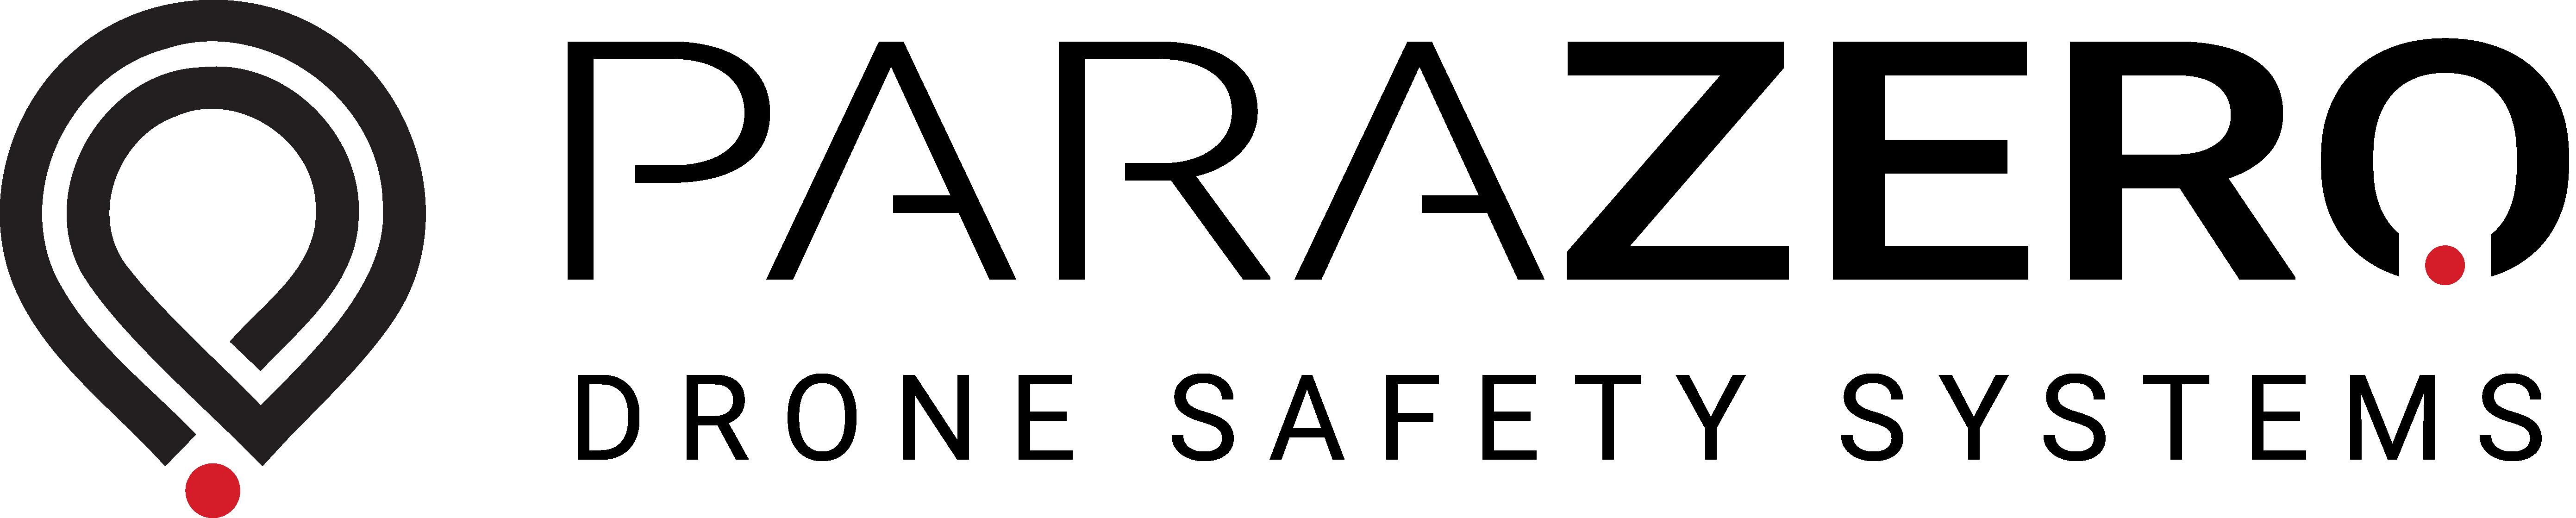 parazero